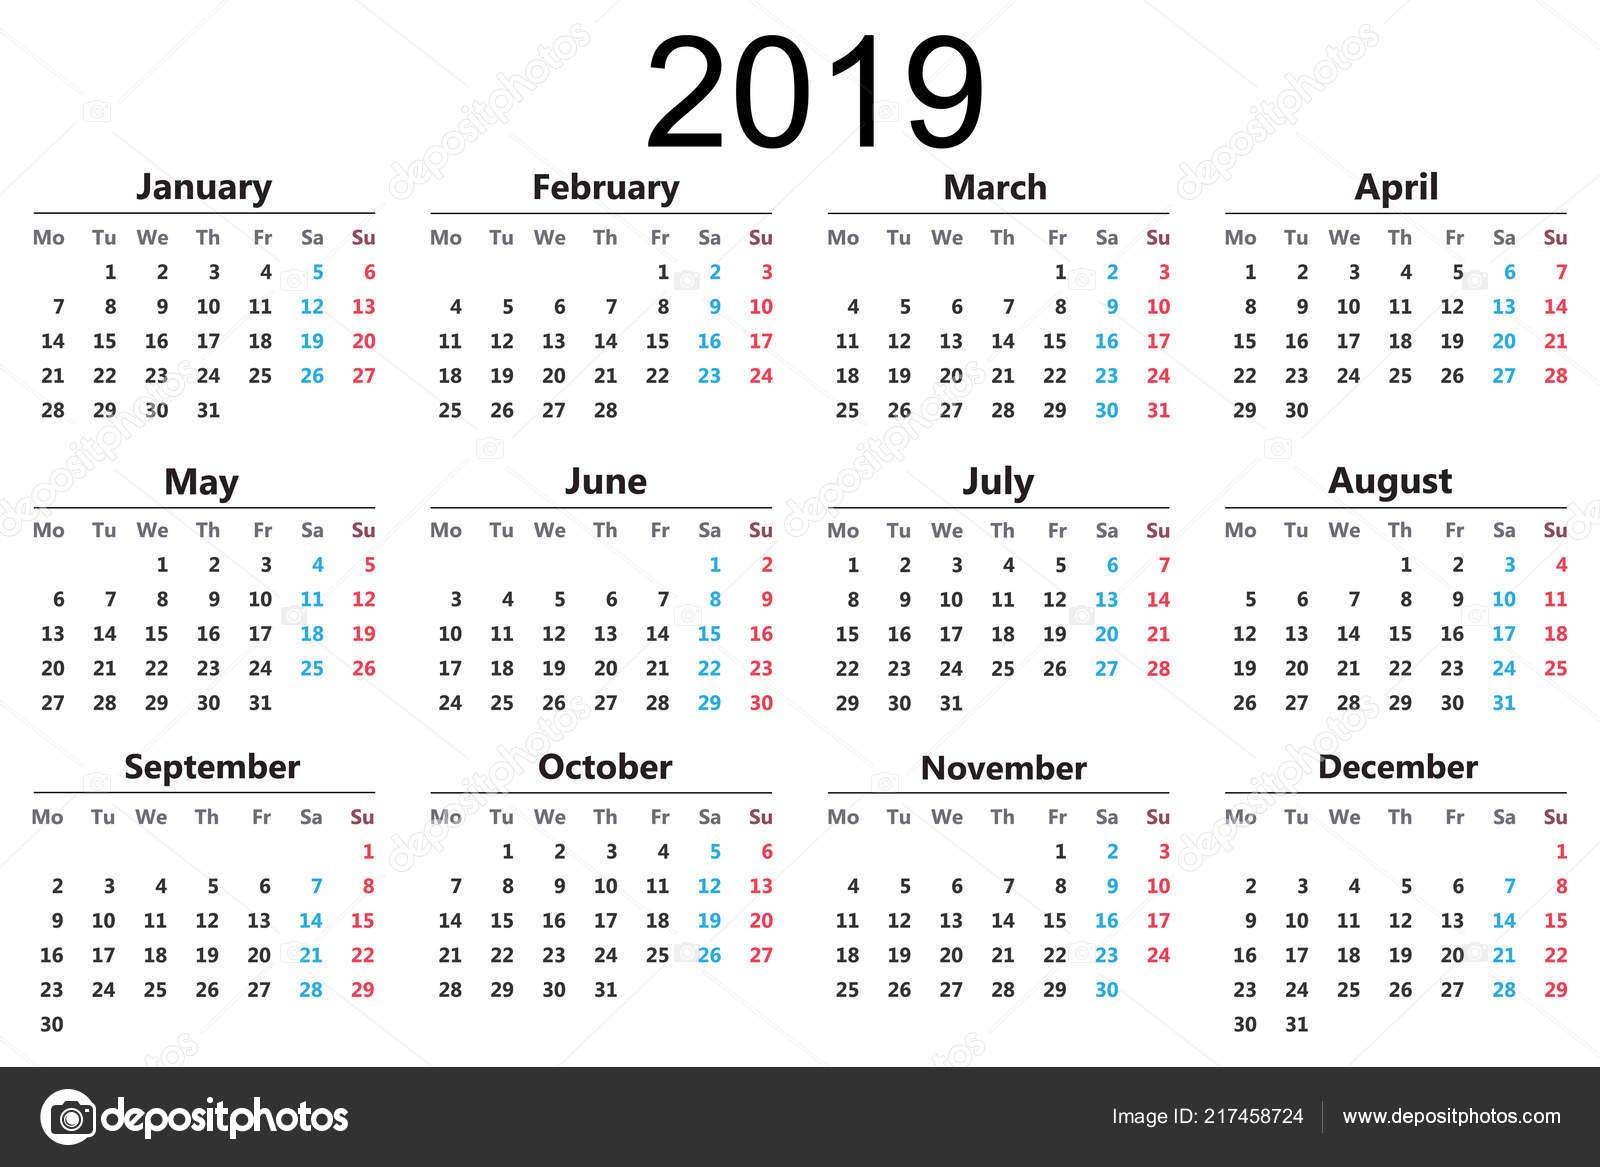 Календарь 2019 Векторные Иллюстрации Новый Год — Векторное 2/2019 Calendar